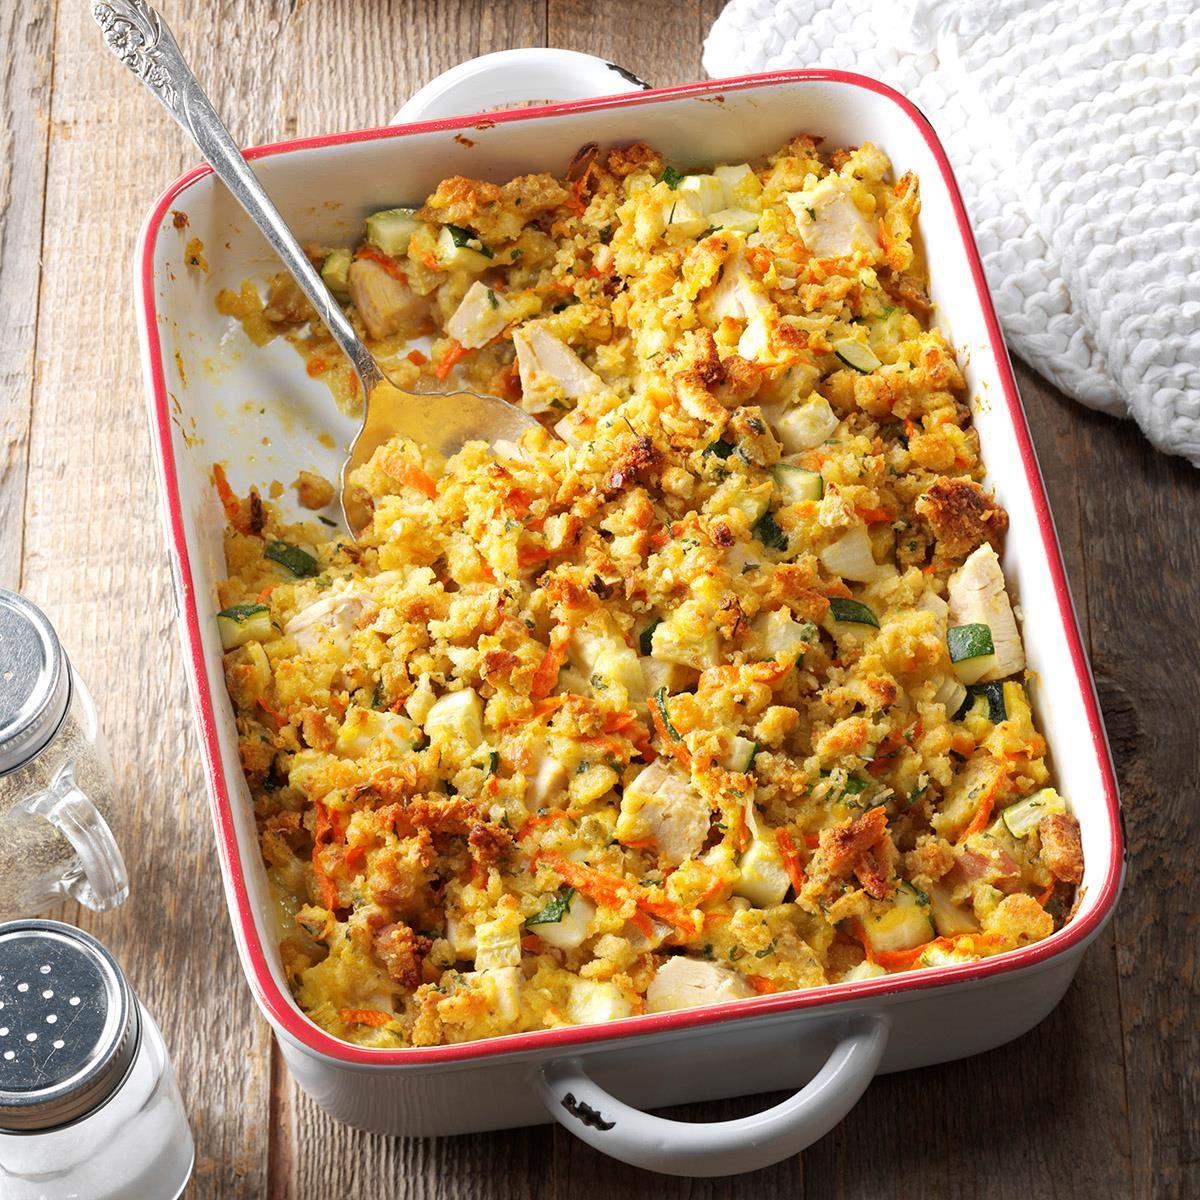 Casseroles Recipes: Chicken Zucchini Casserole Recipe